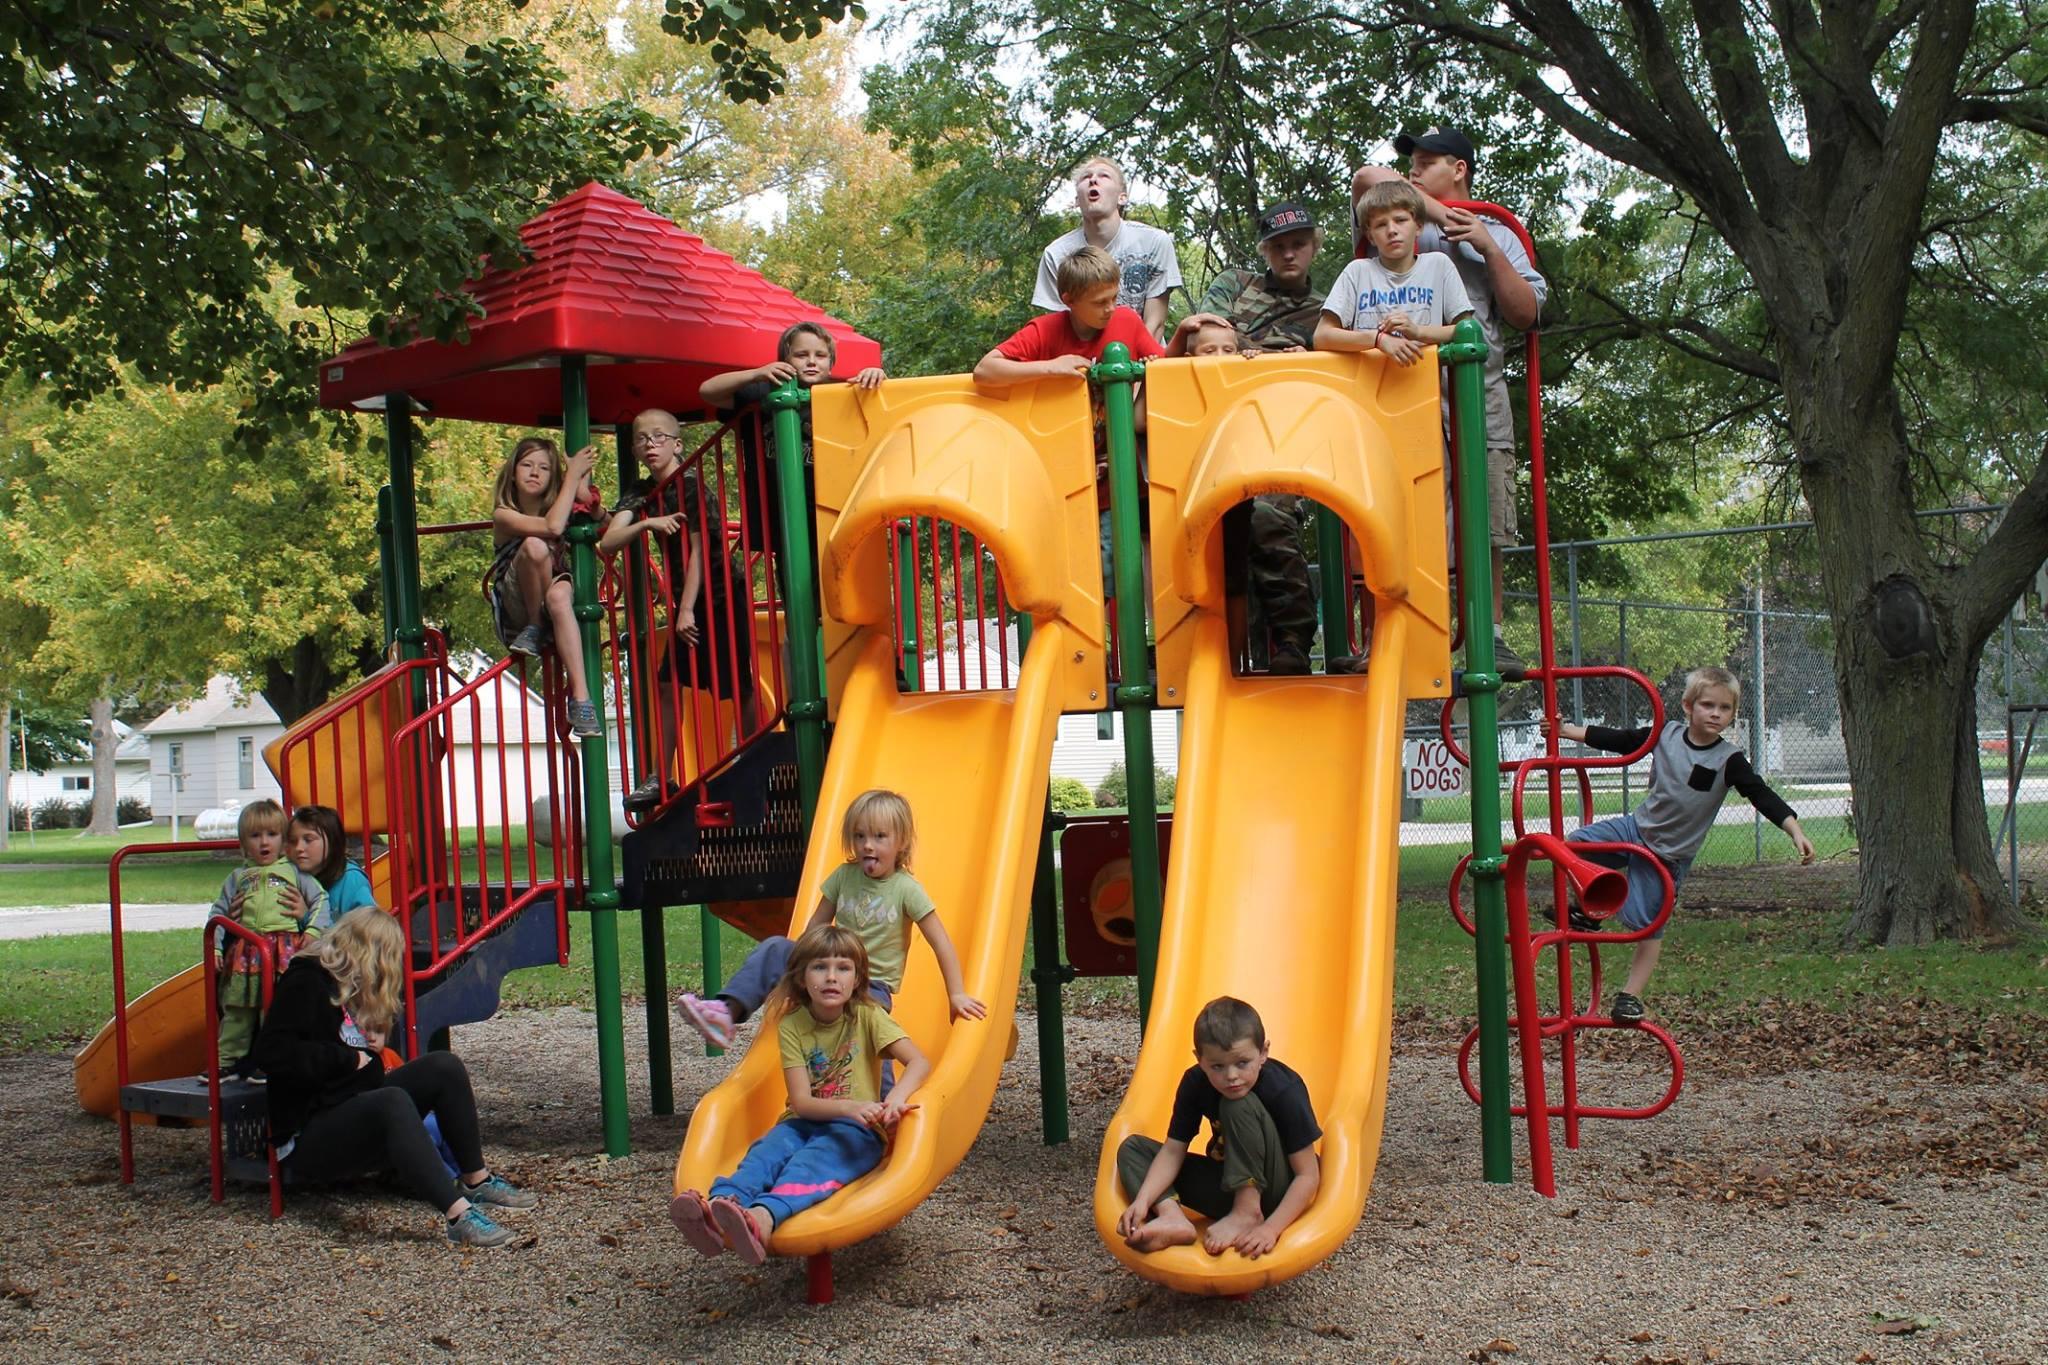 Kids on playground equipment at Havelock City Park